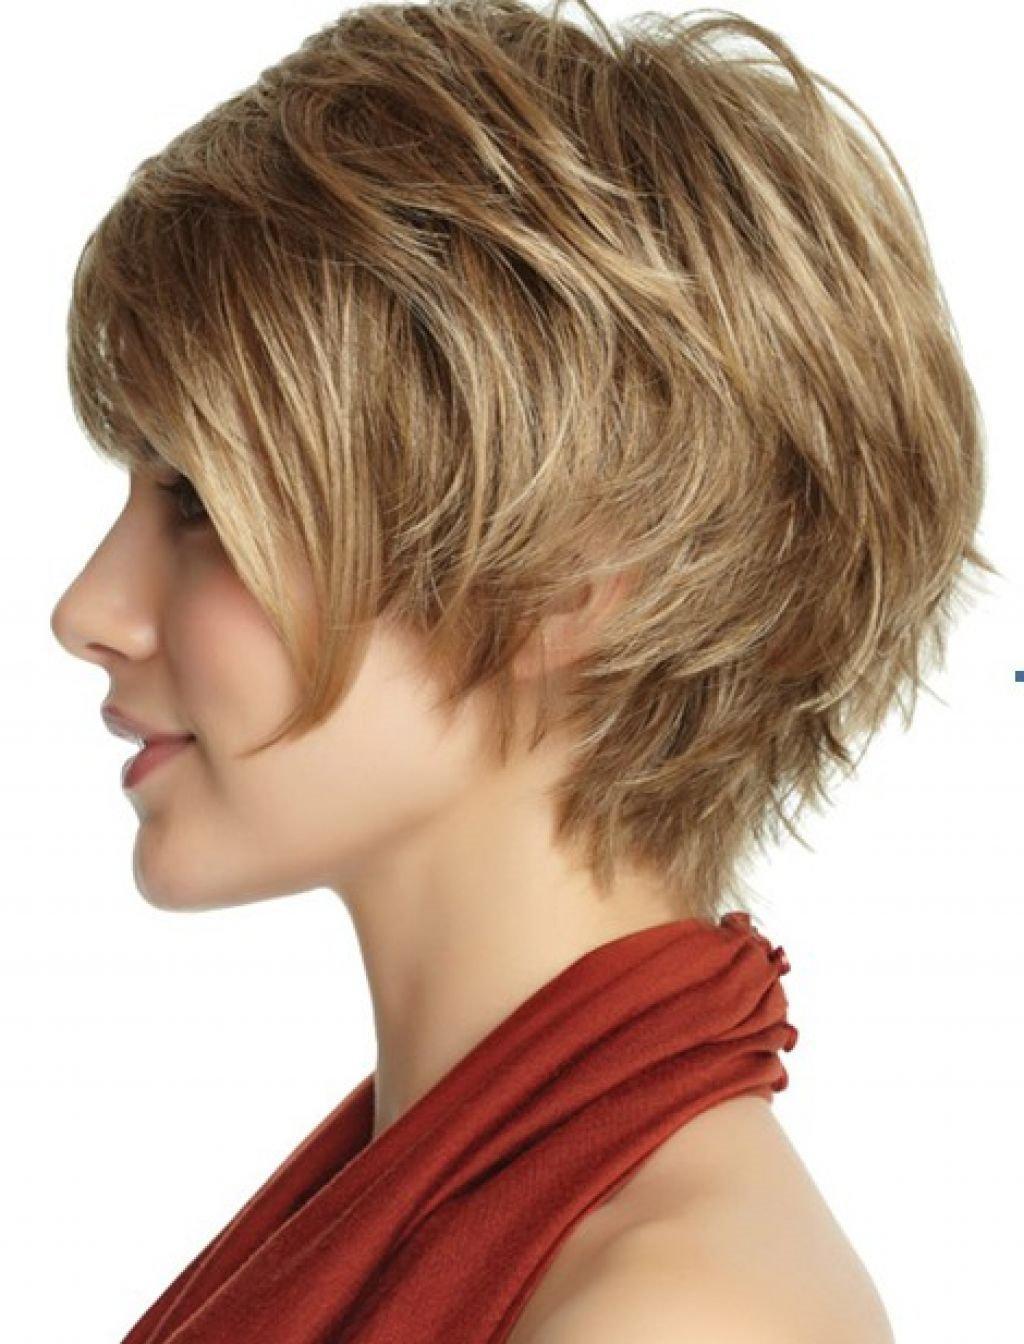 image12-92 | Модные женские стрижки на короткие волосы: основные правила и варианты исполнения